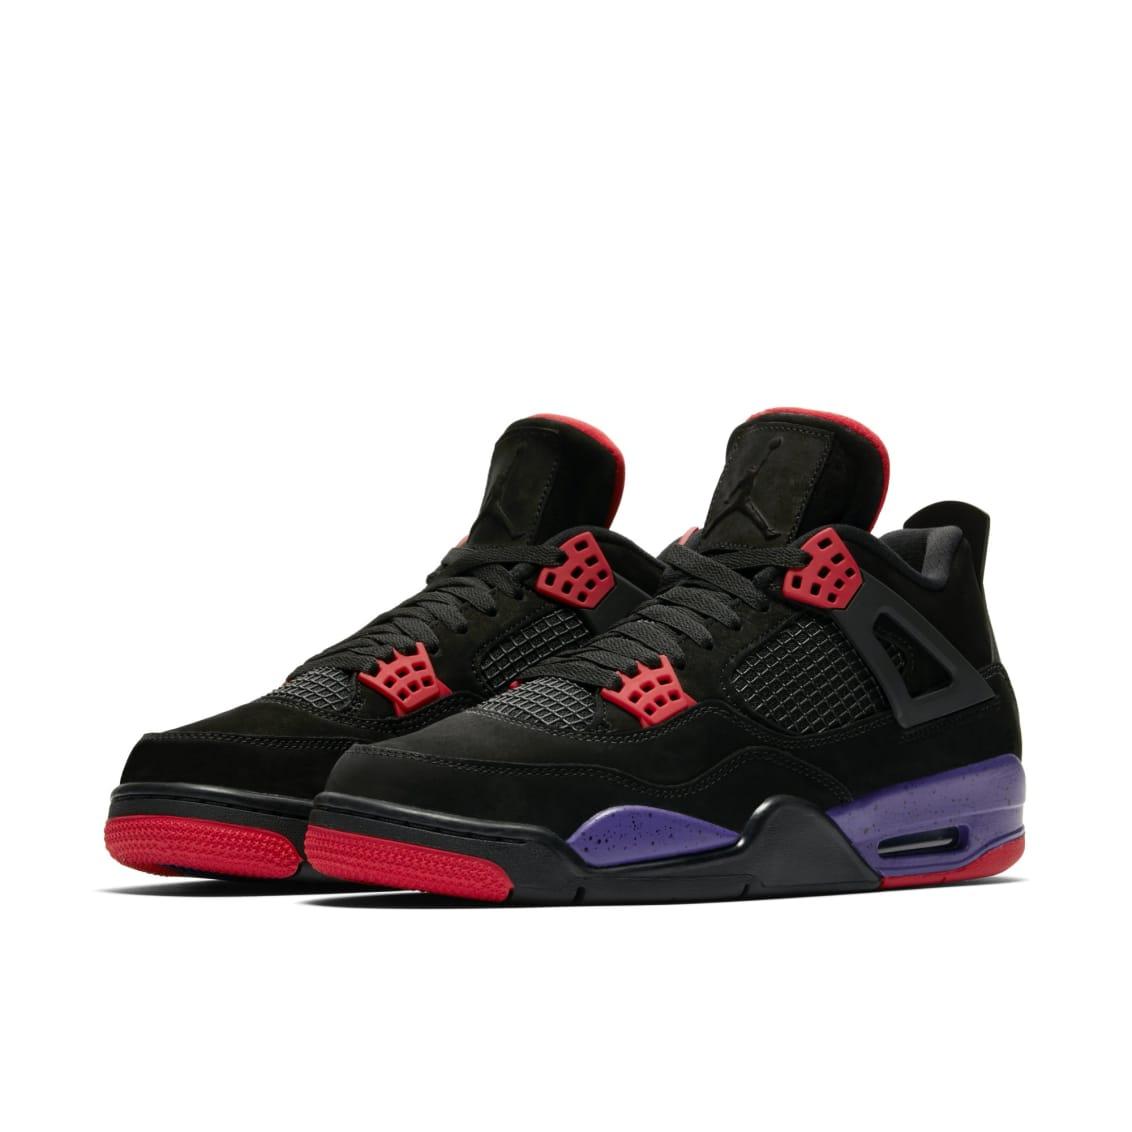 95e4f4abb5d5 Air Jordan 4 Retro NRG  Black University Red Court Purple   AQ3816 ...